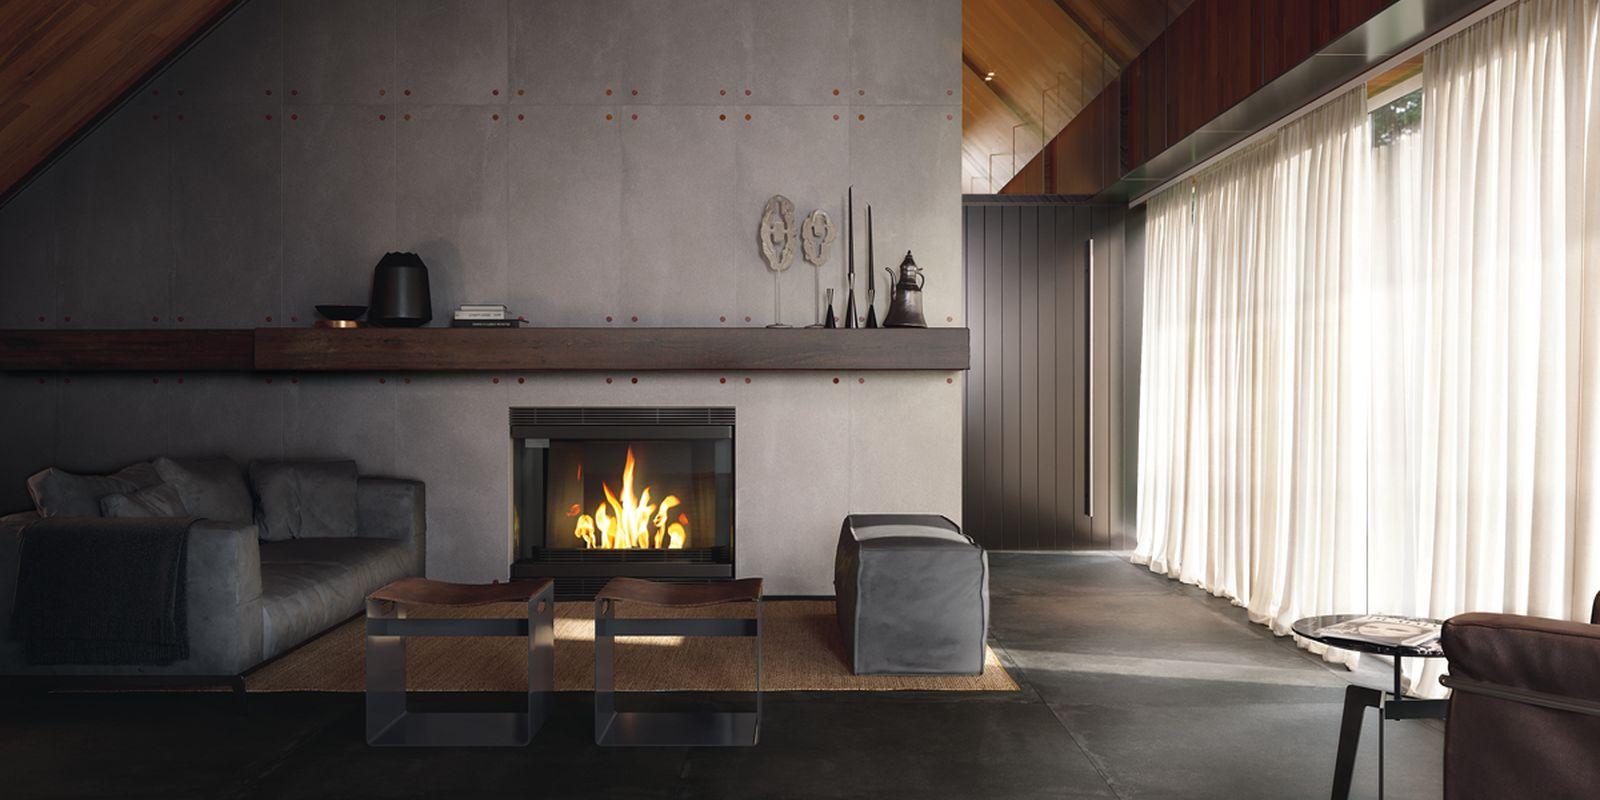 Large Format Concrete Tiles